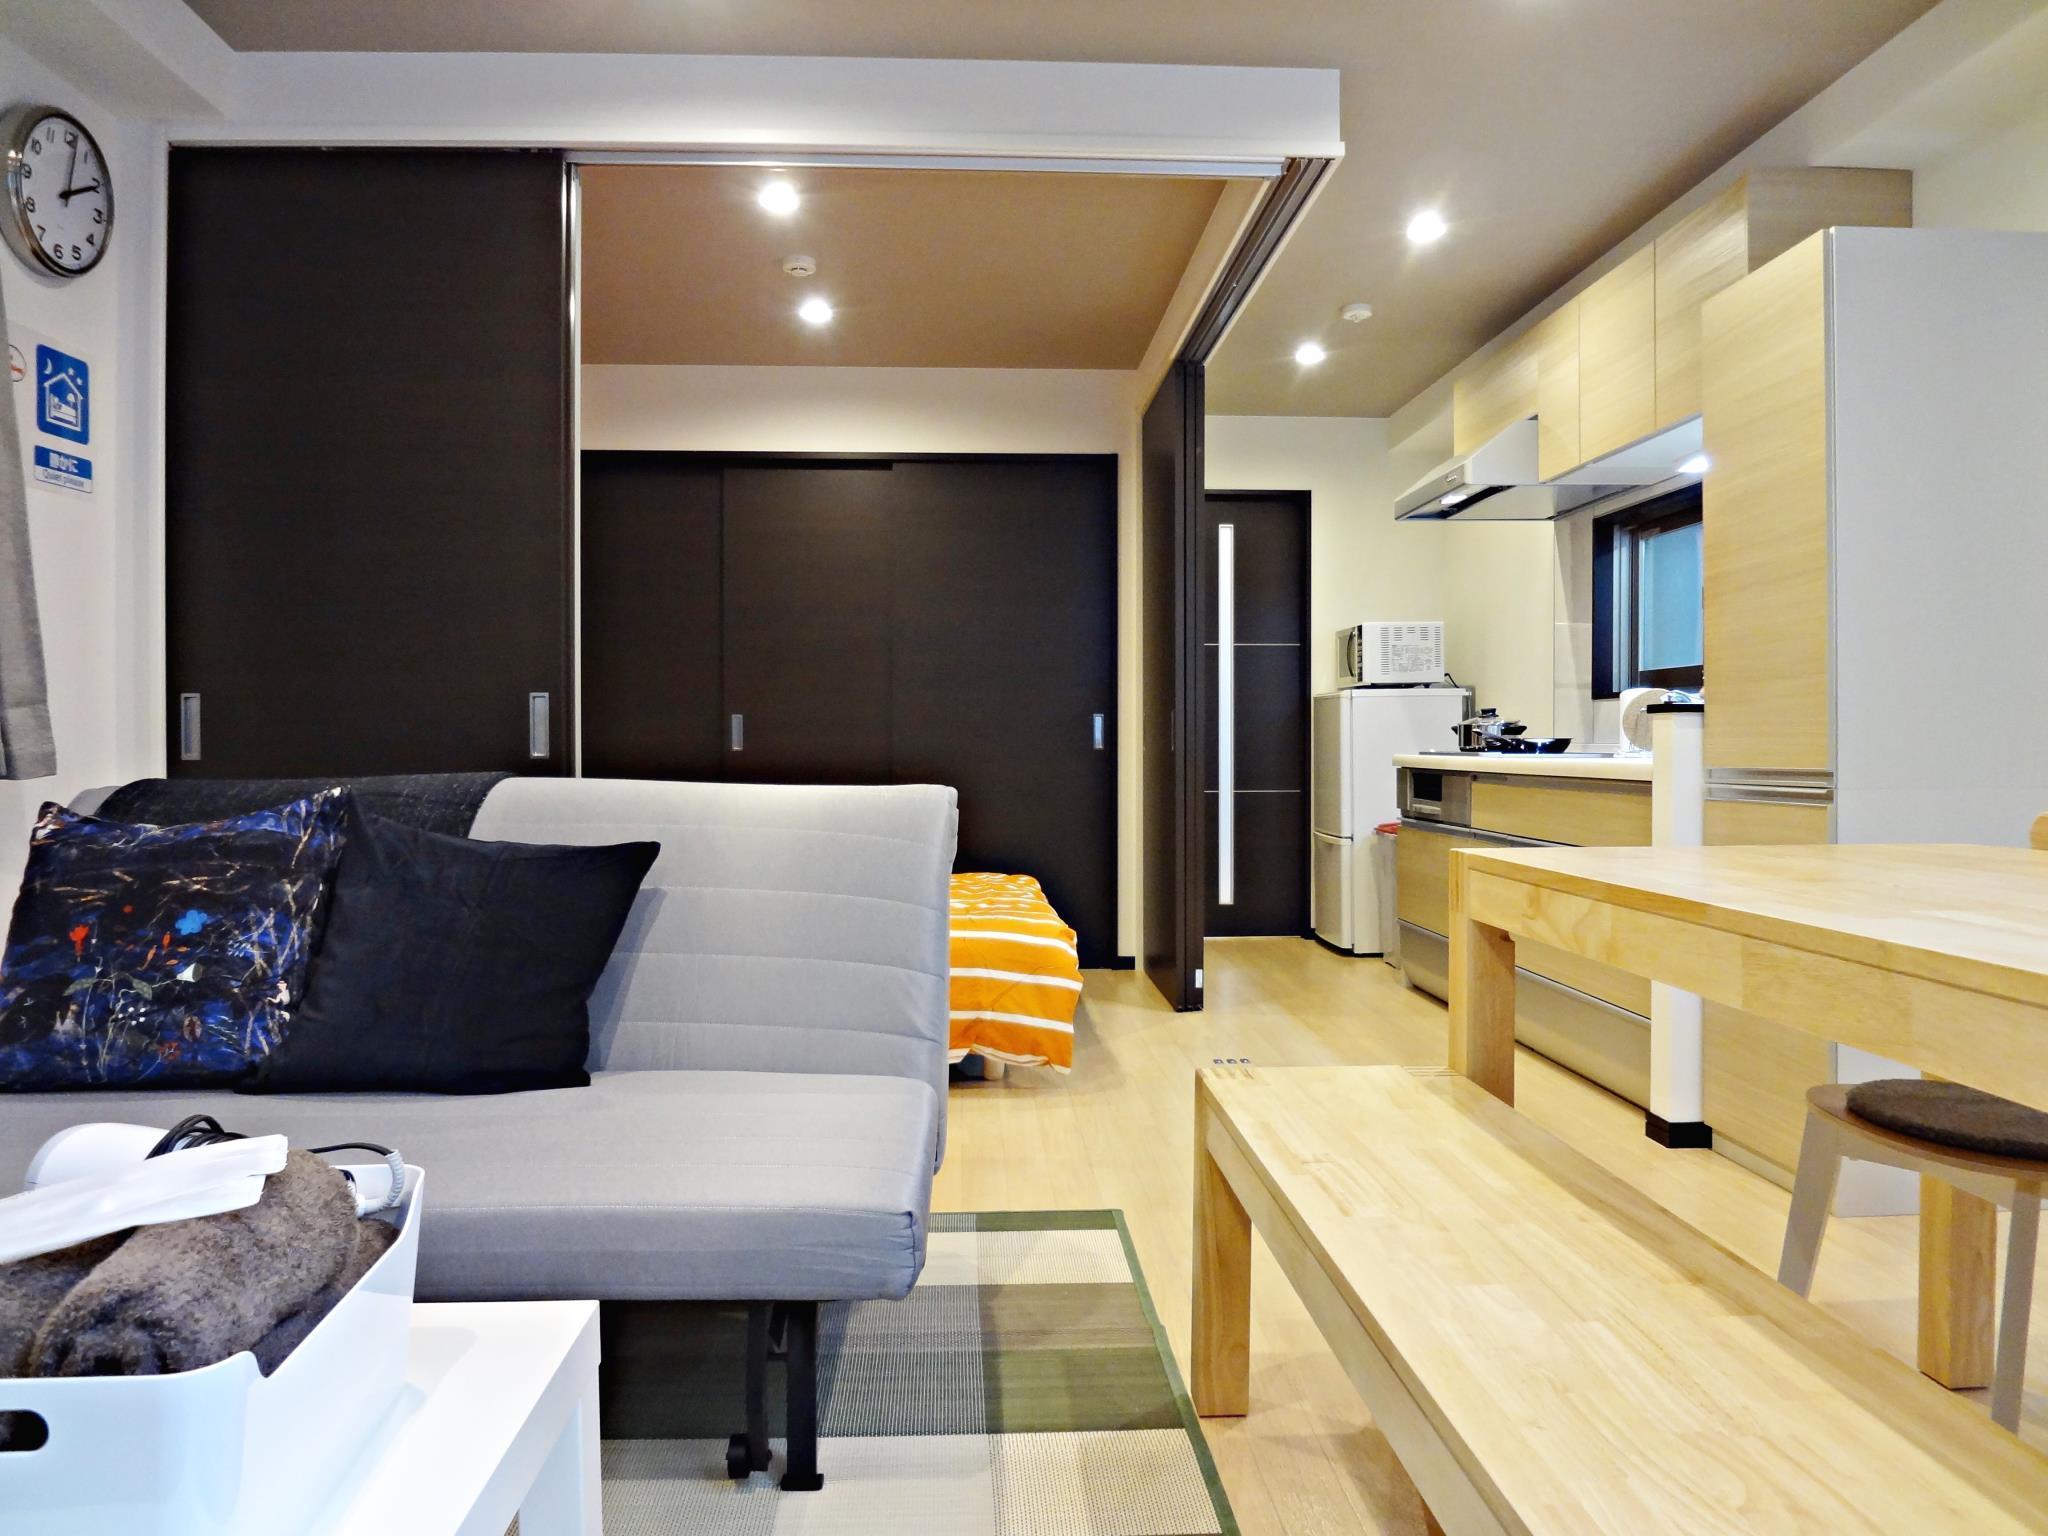 KM Apartment Minato Ku 2 1